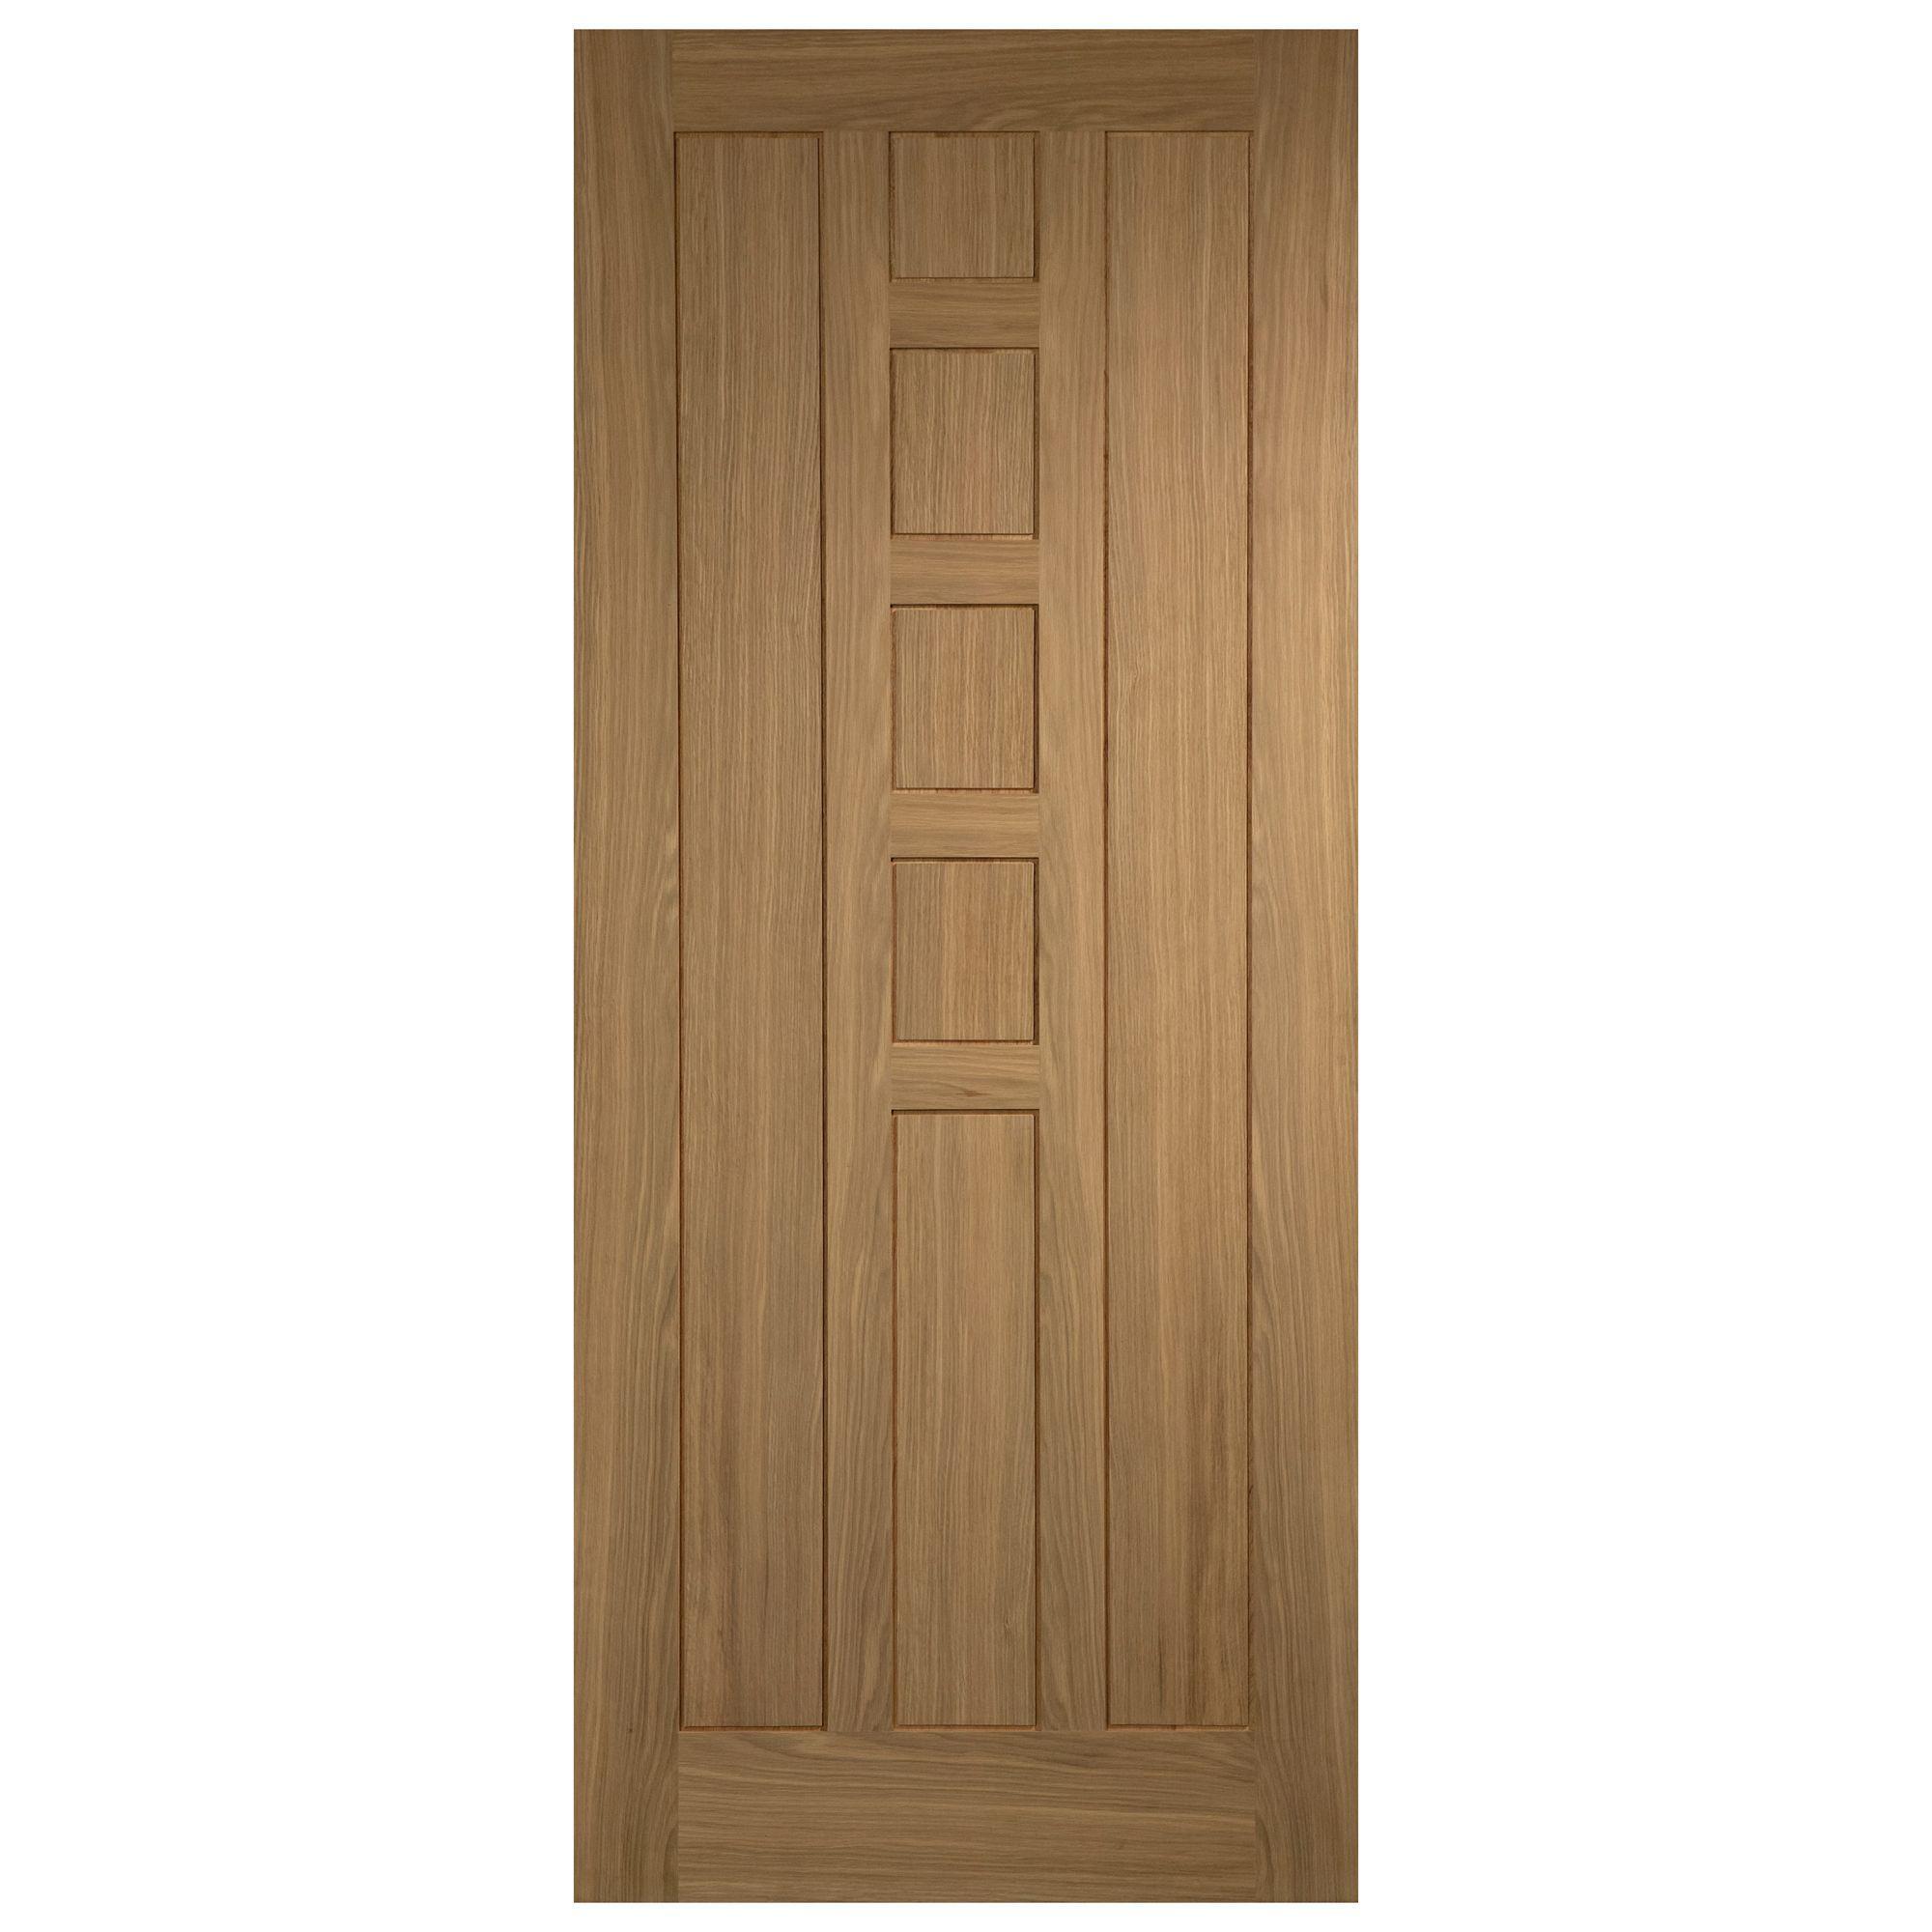 Medway oak veneer timber external front door h 2032mm w for Wood veneer garage doors